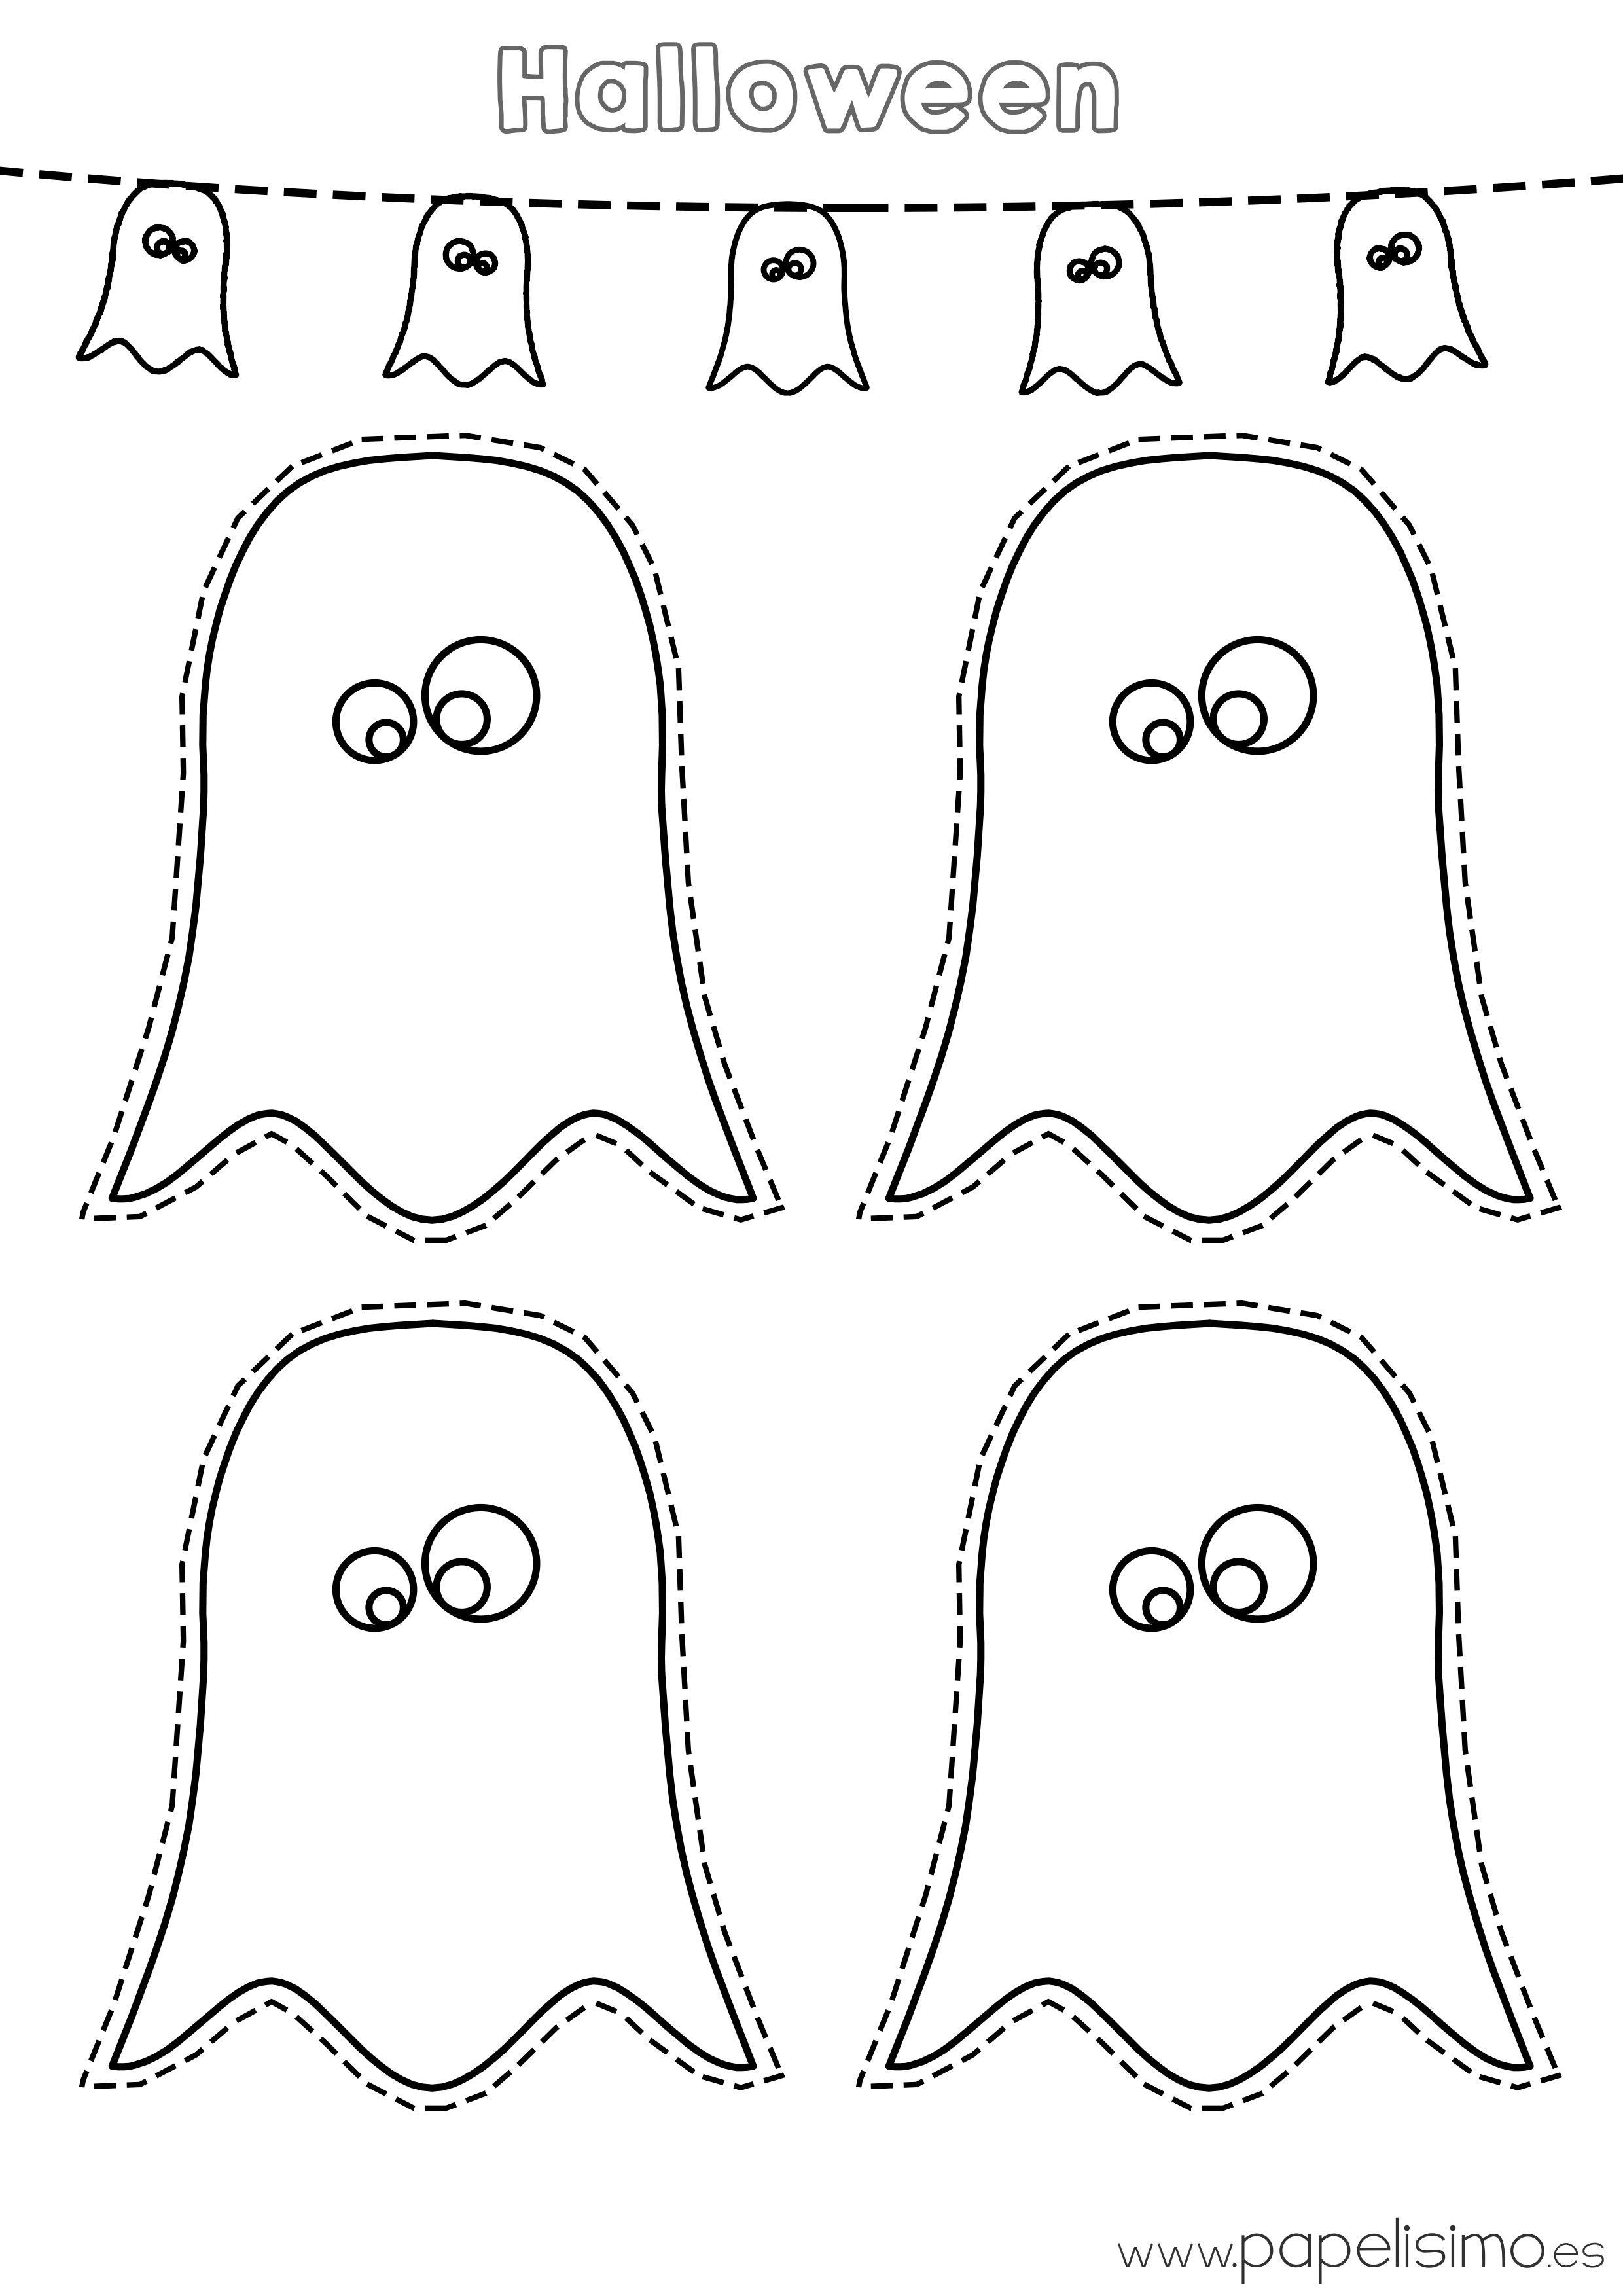 Dibujos fantasmas de halloween para imprimir y recortar - Dibujos de halloween ...